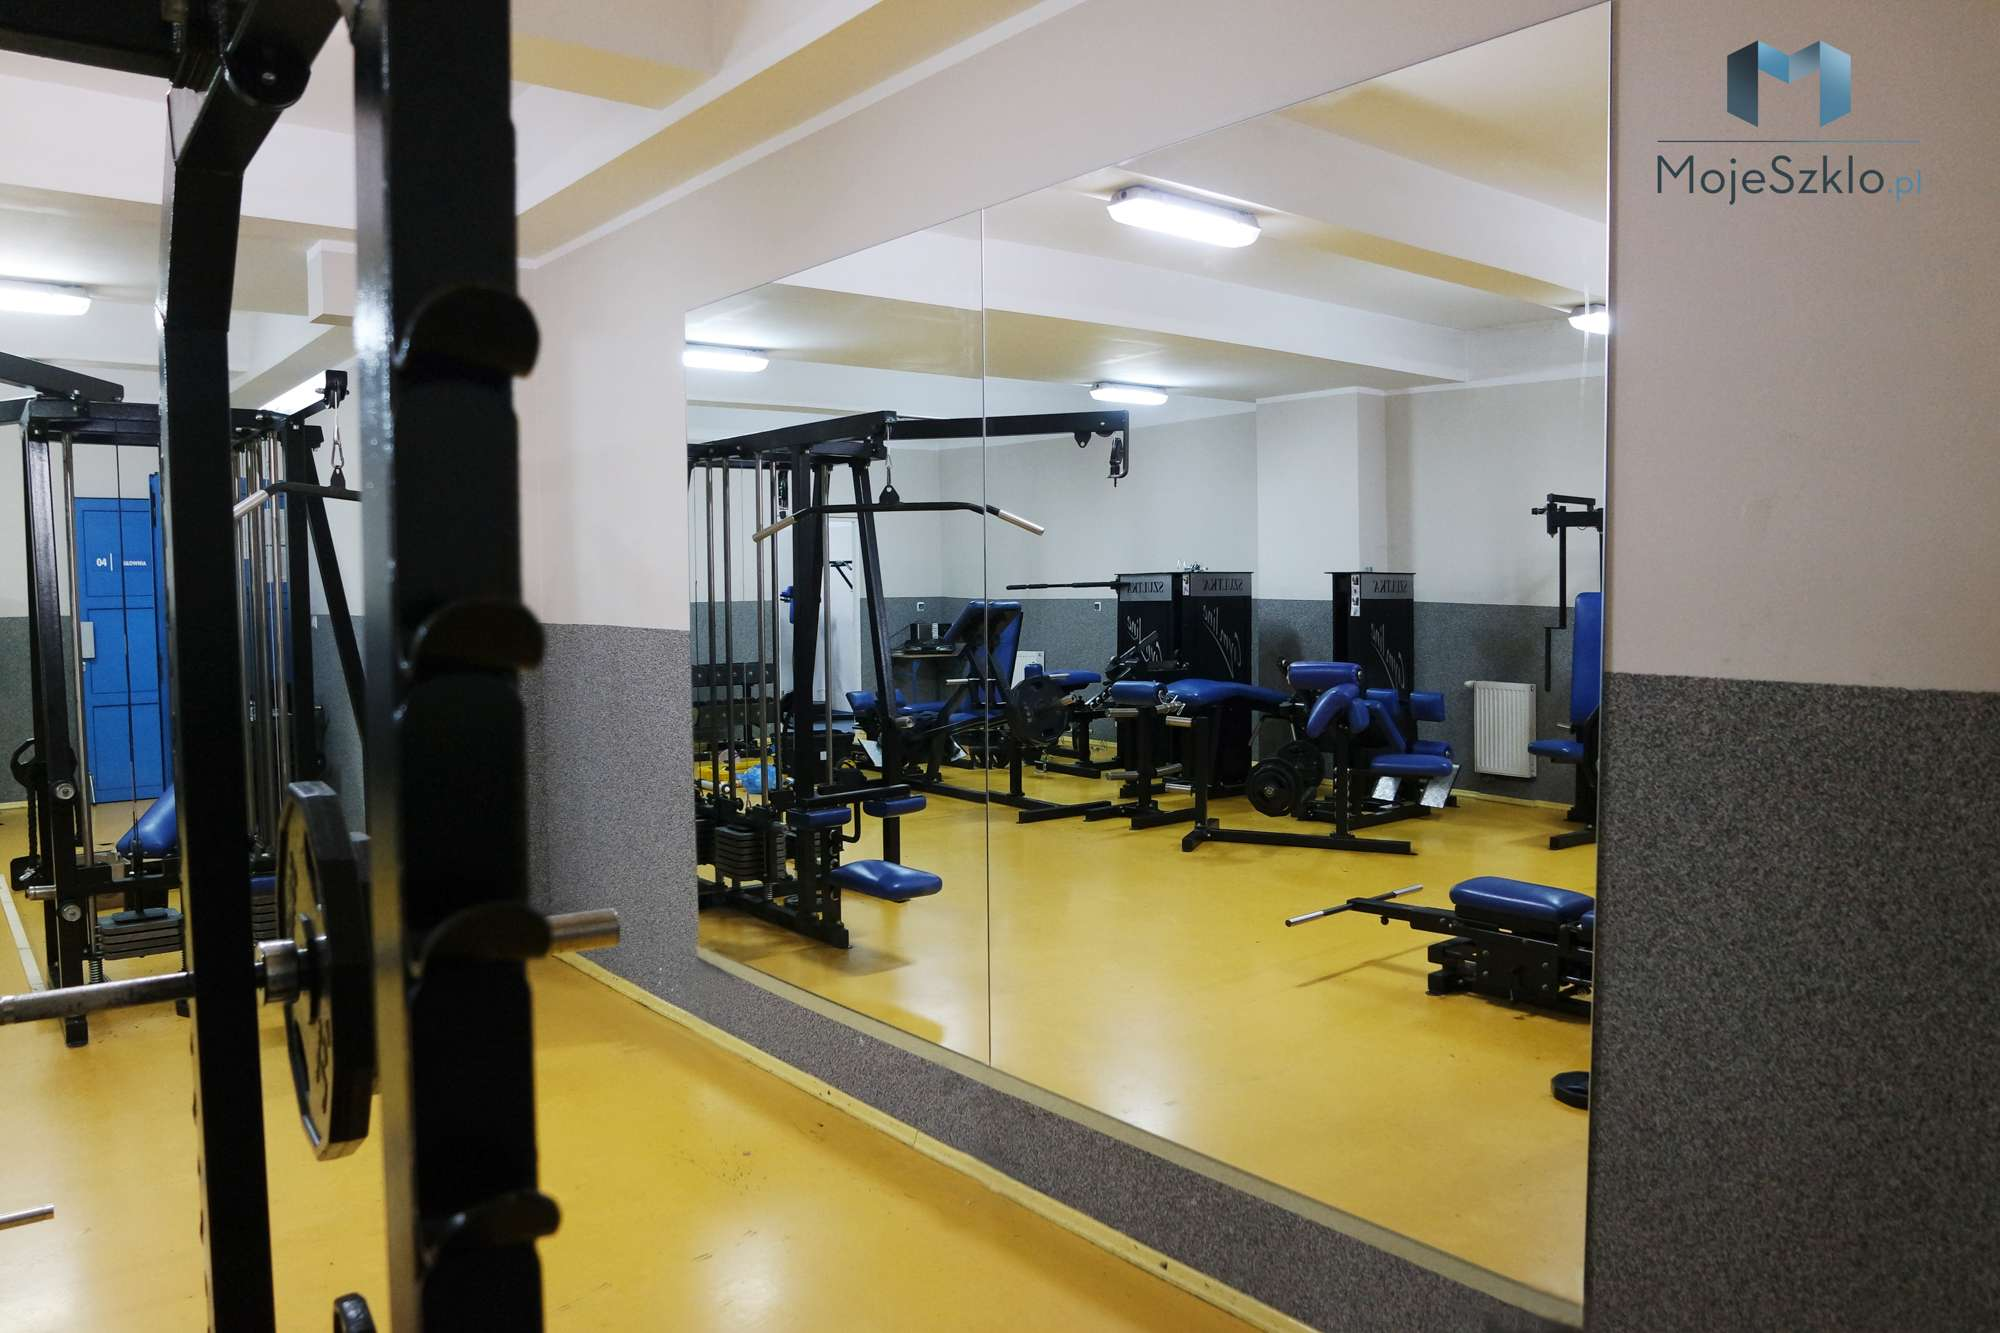 Duze Lustro Na Sciane Wieliczka - Duże lustro na ścianę w salach gimnastycznych i siłowniach